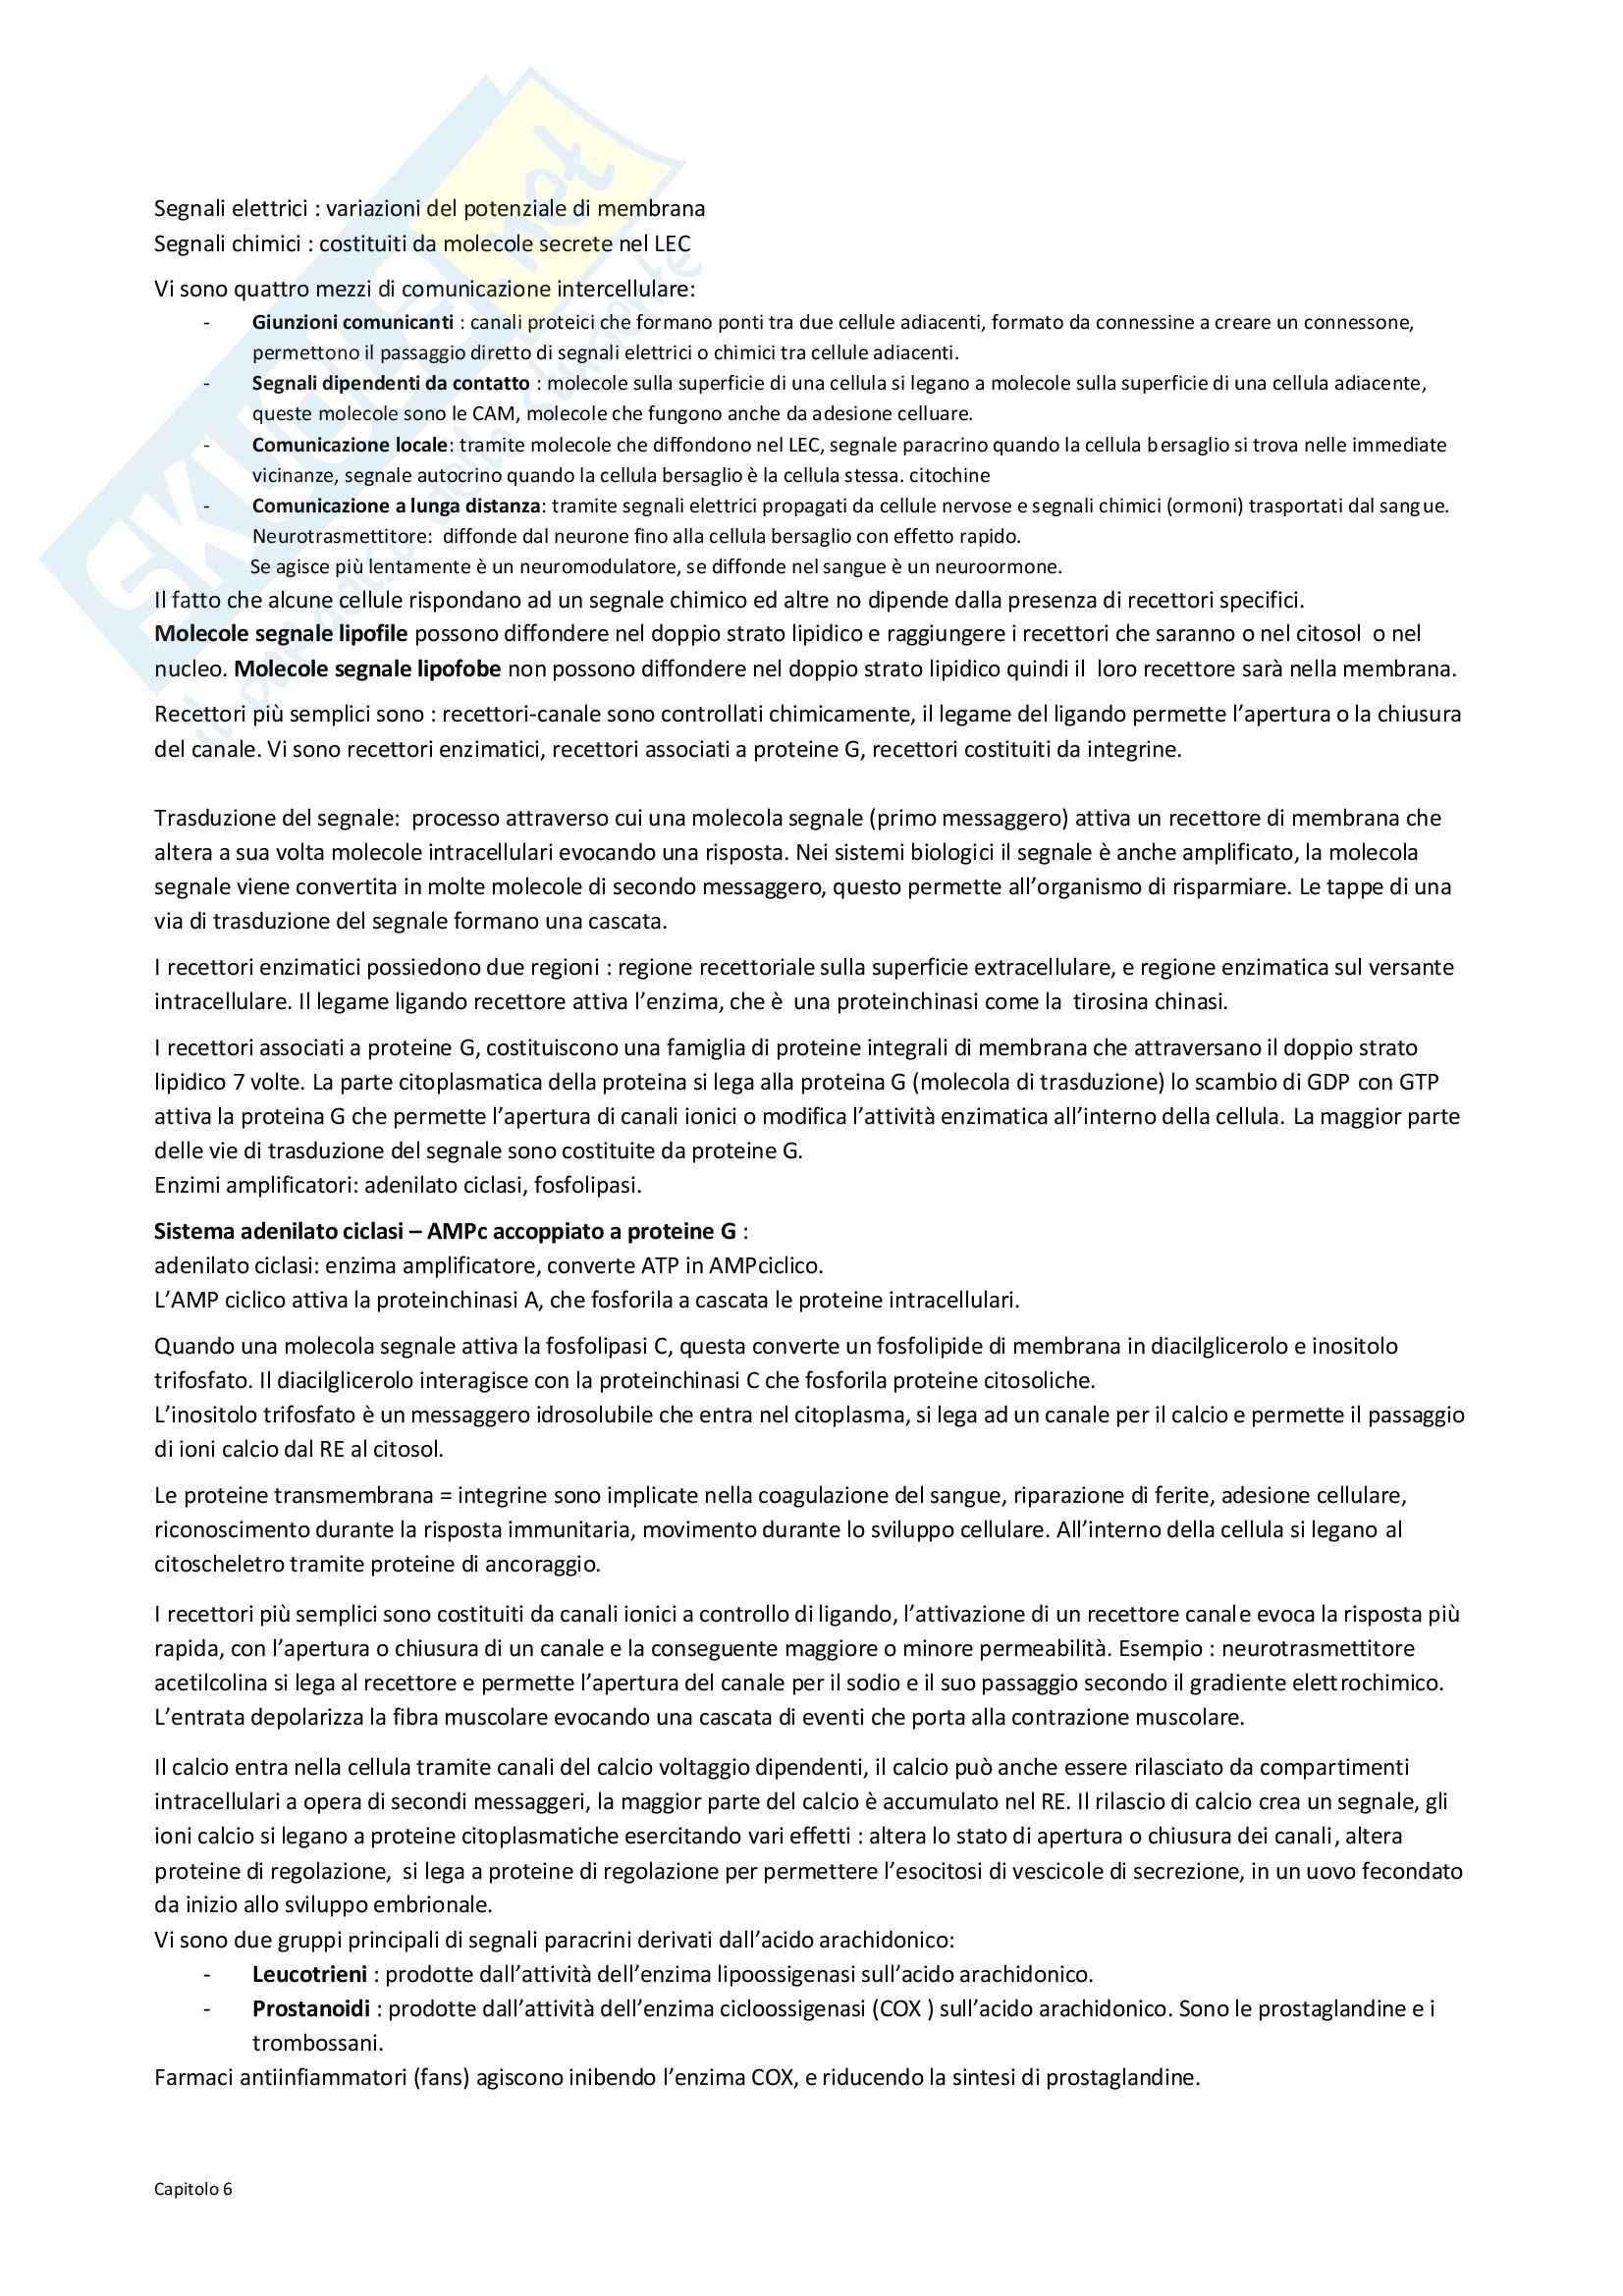 Fisiologia - comunicazione cellulare